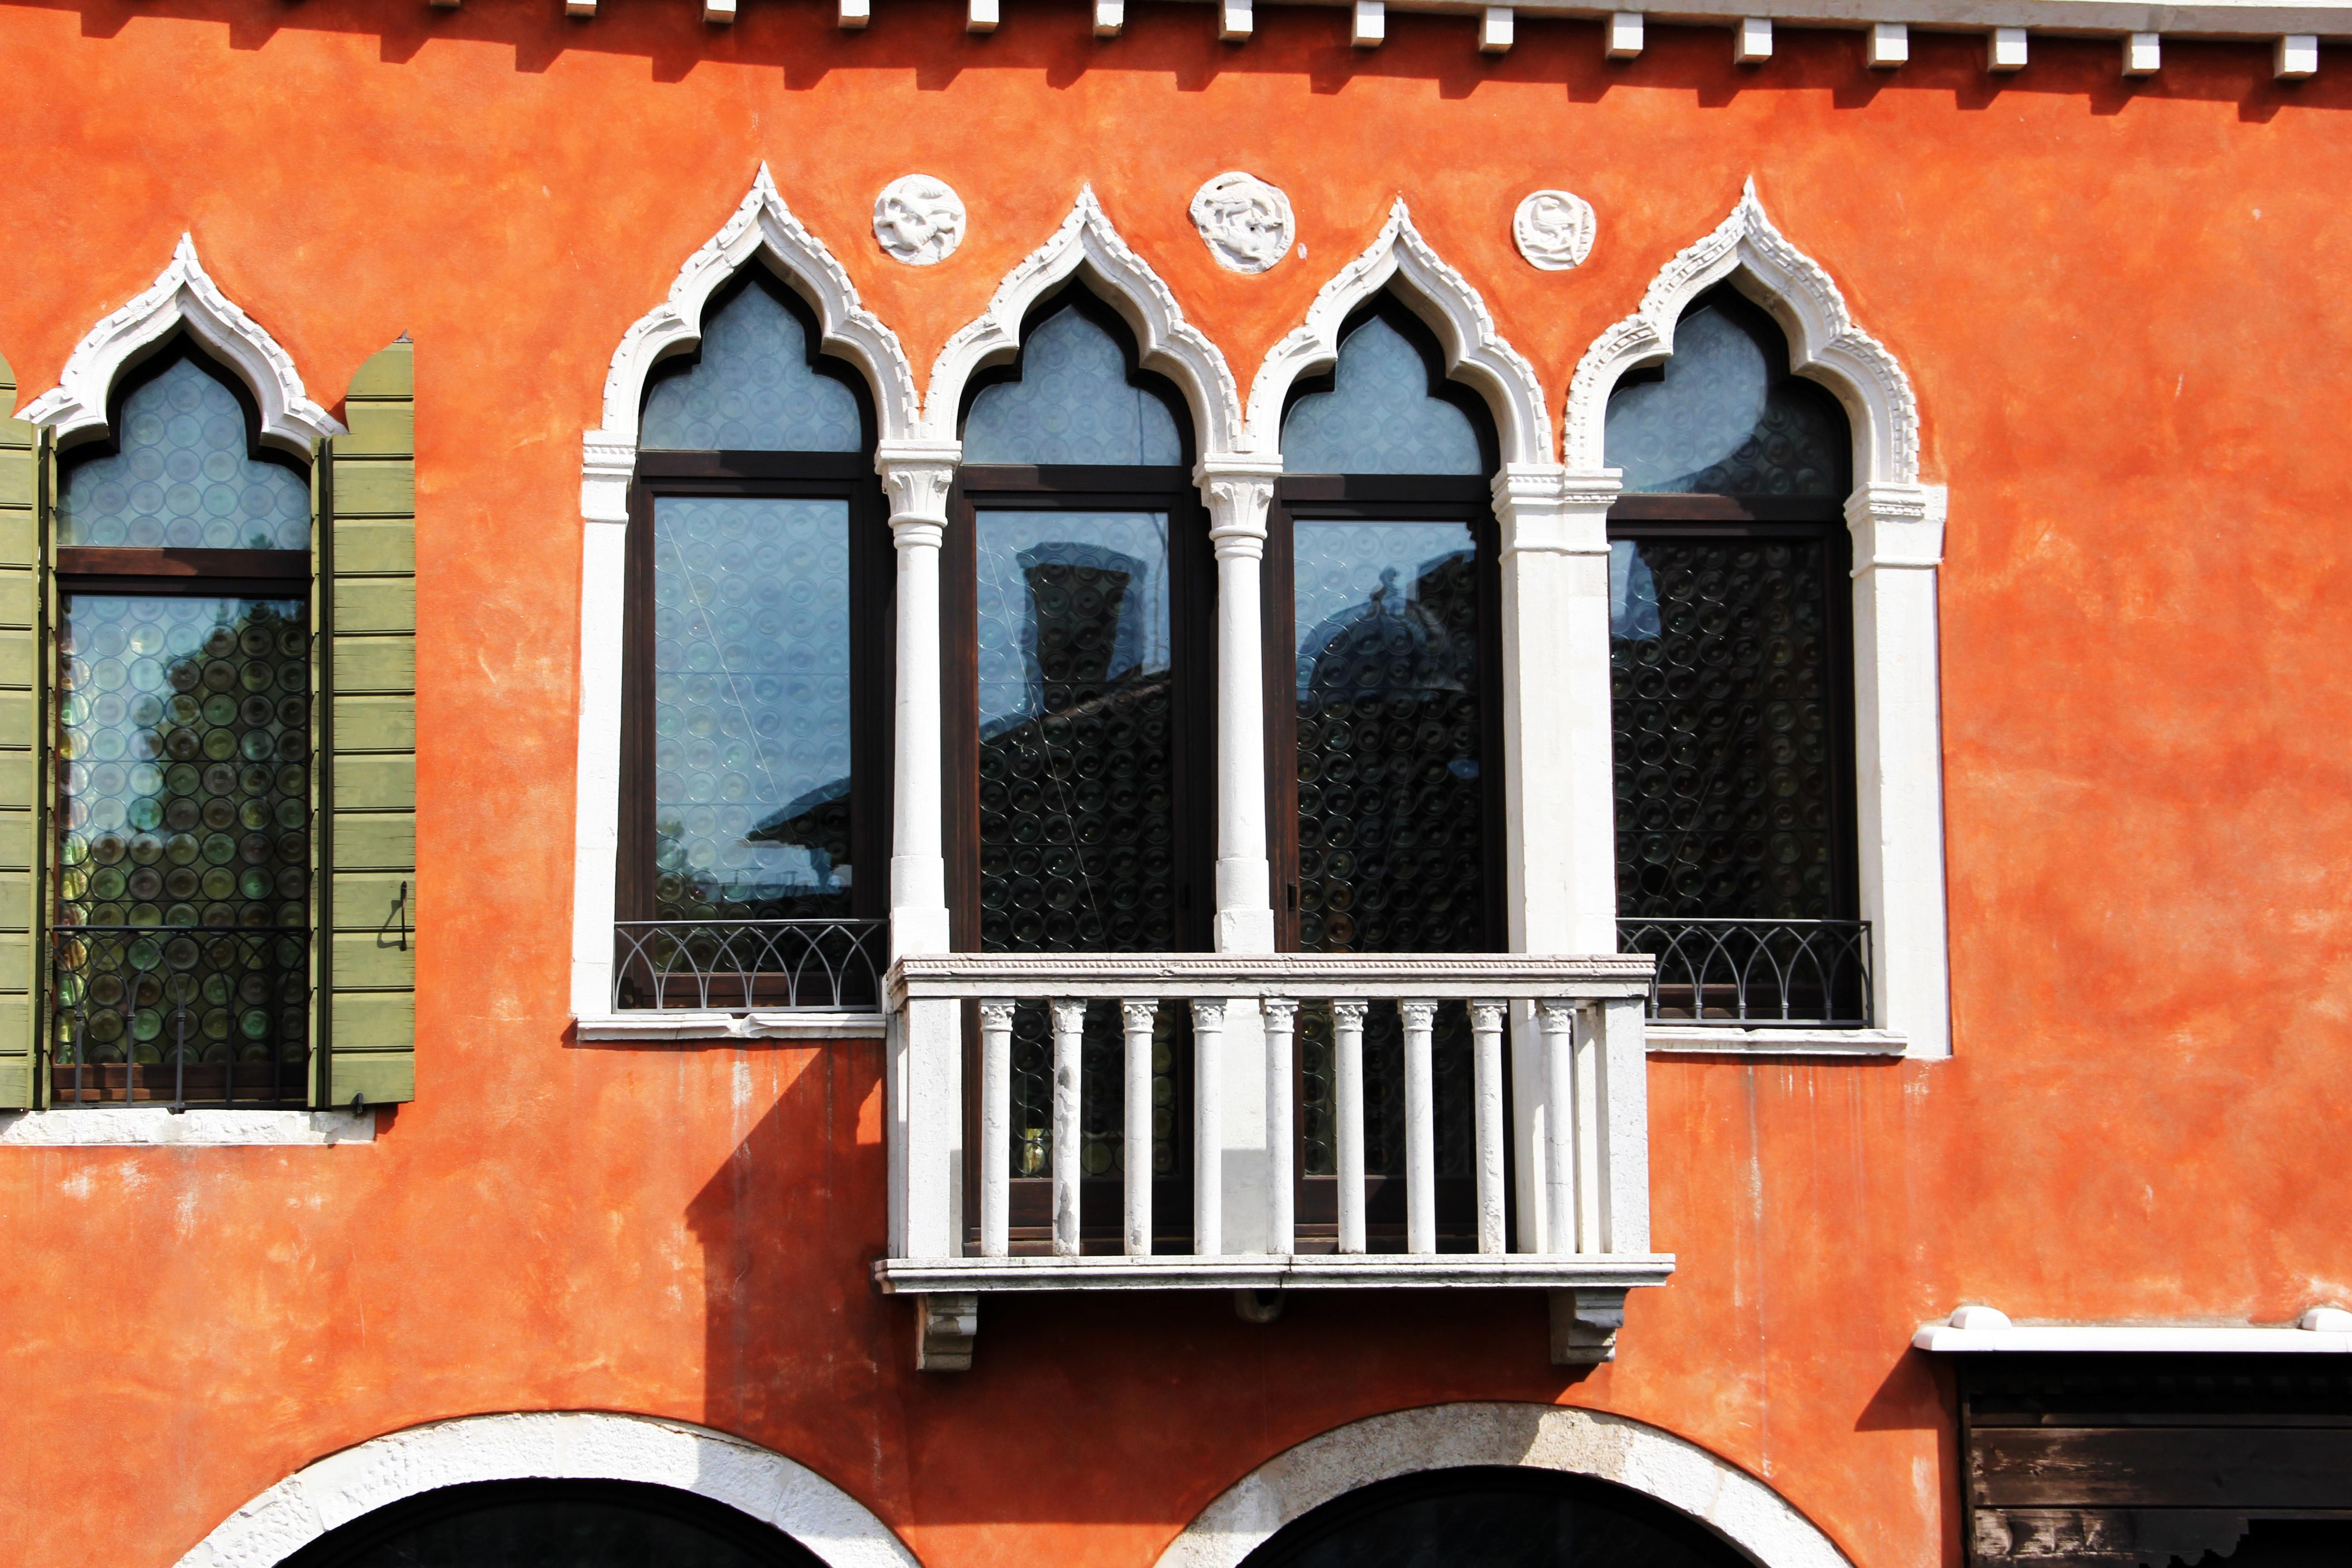 Картинки : архитектура, окно, здание, стена, балкон, цвет, ф.